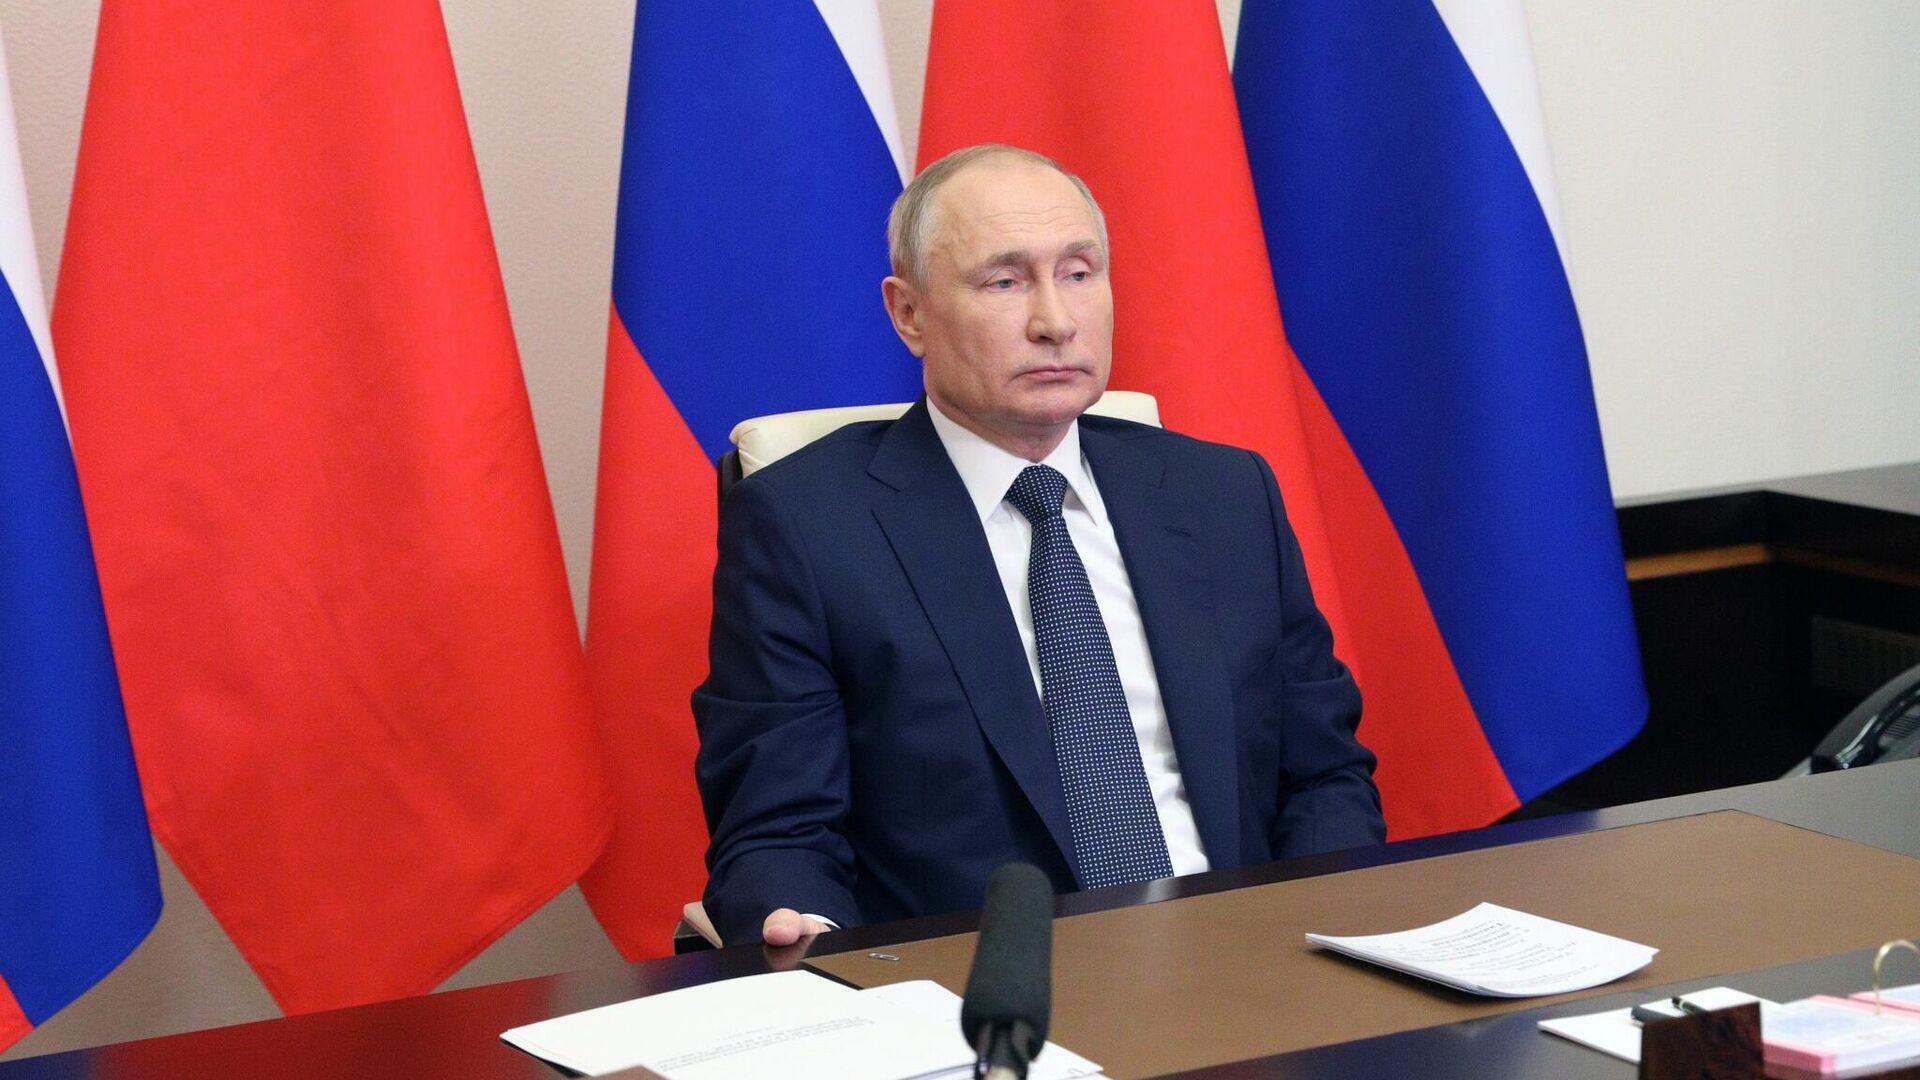 Минобороны подготовило предложения по реализации послания президента